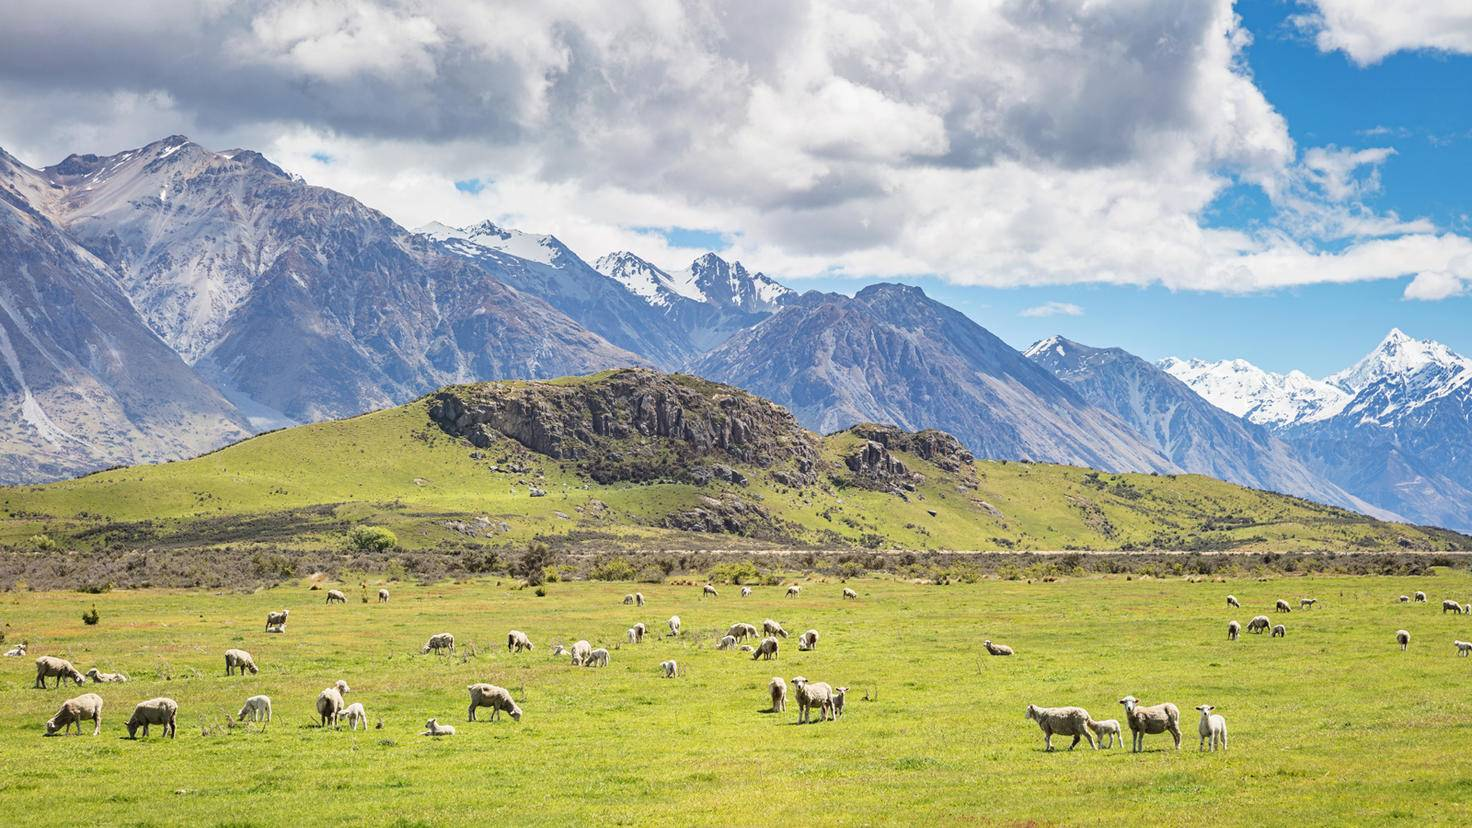 Edoras-Herr der Ringe Drehorte-Neuseeland-Mlenny-GettyImages-856571402